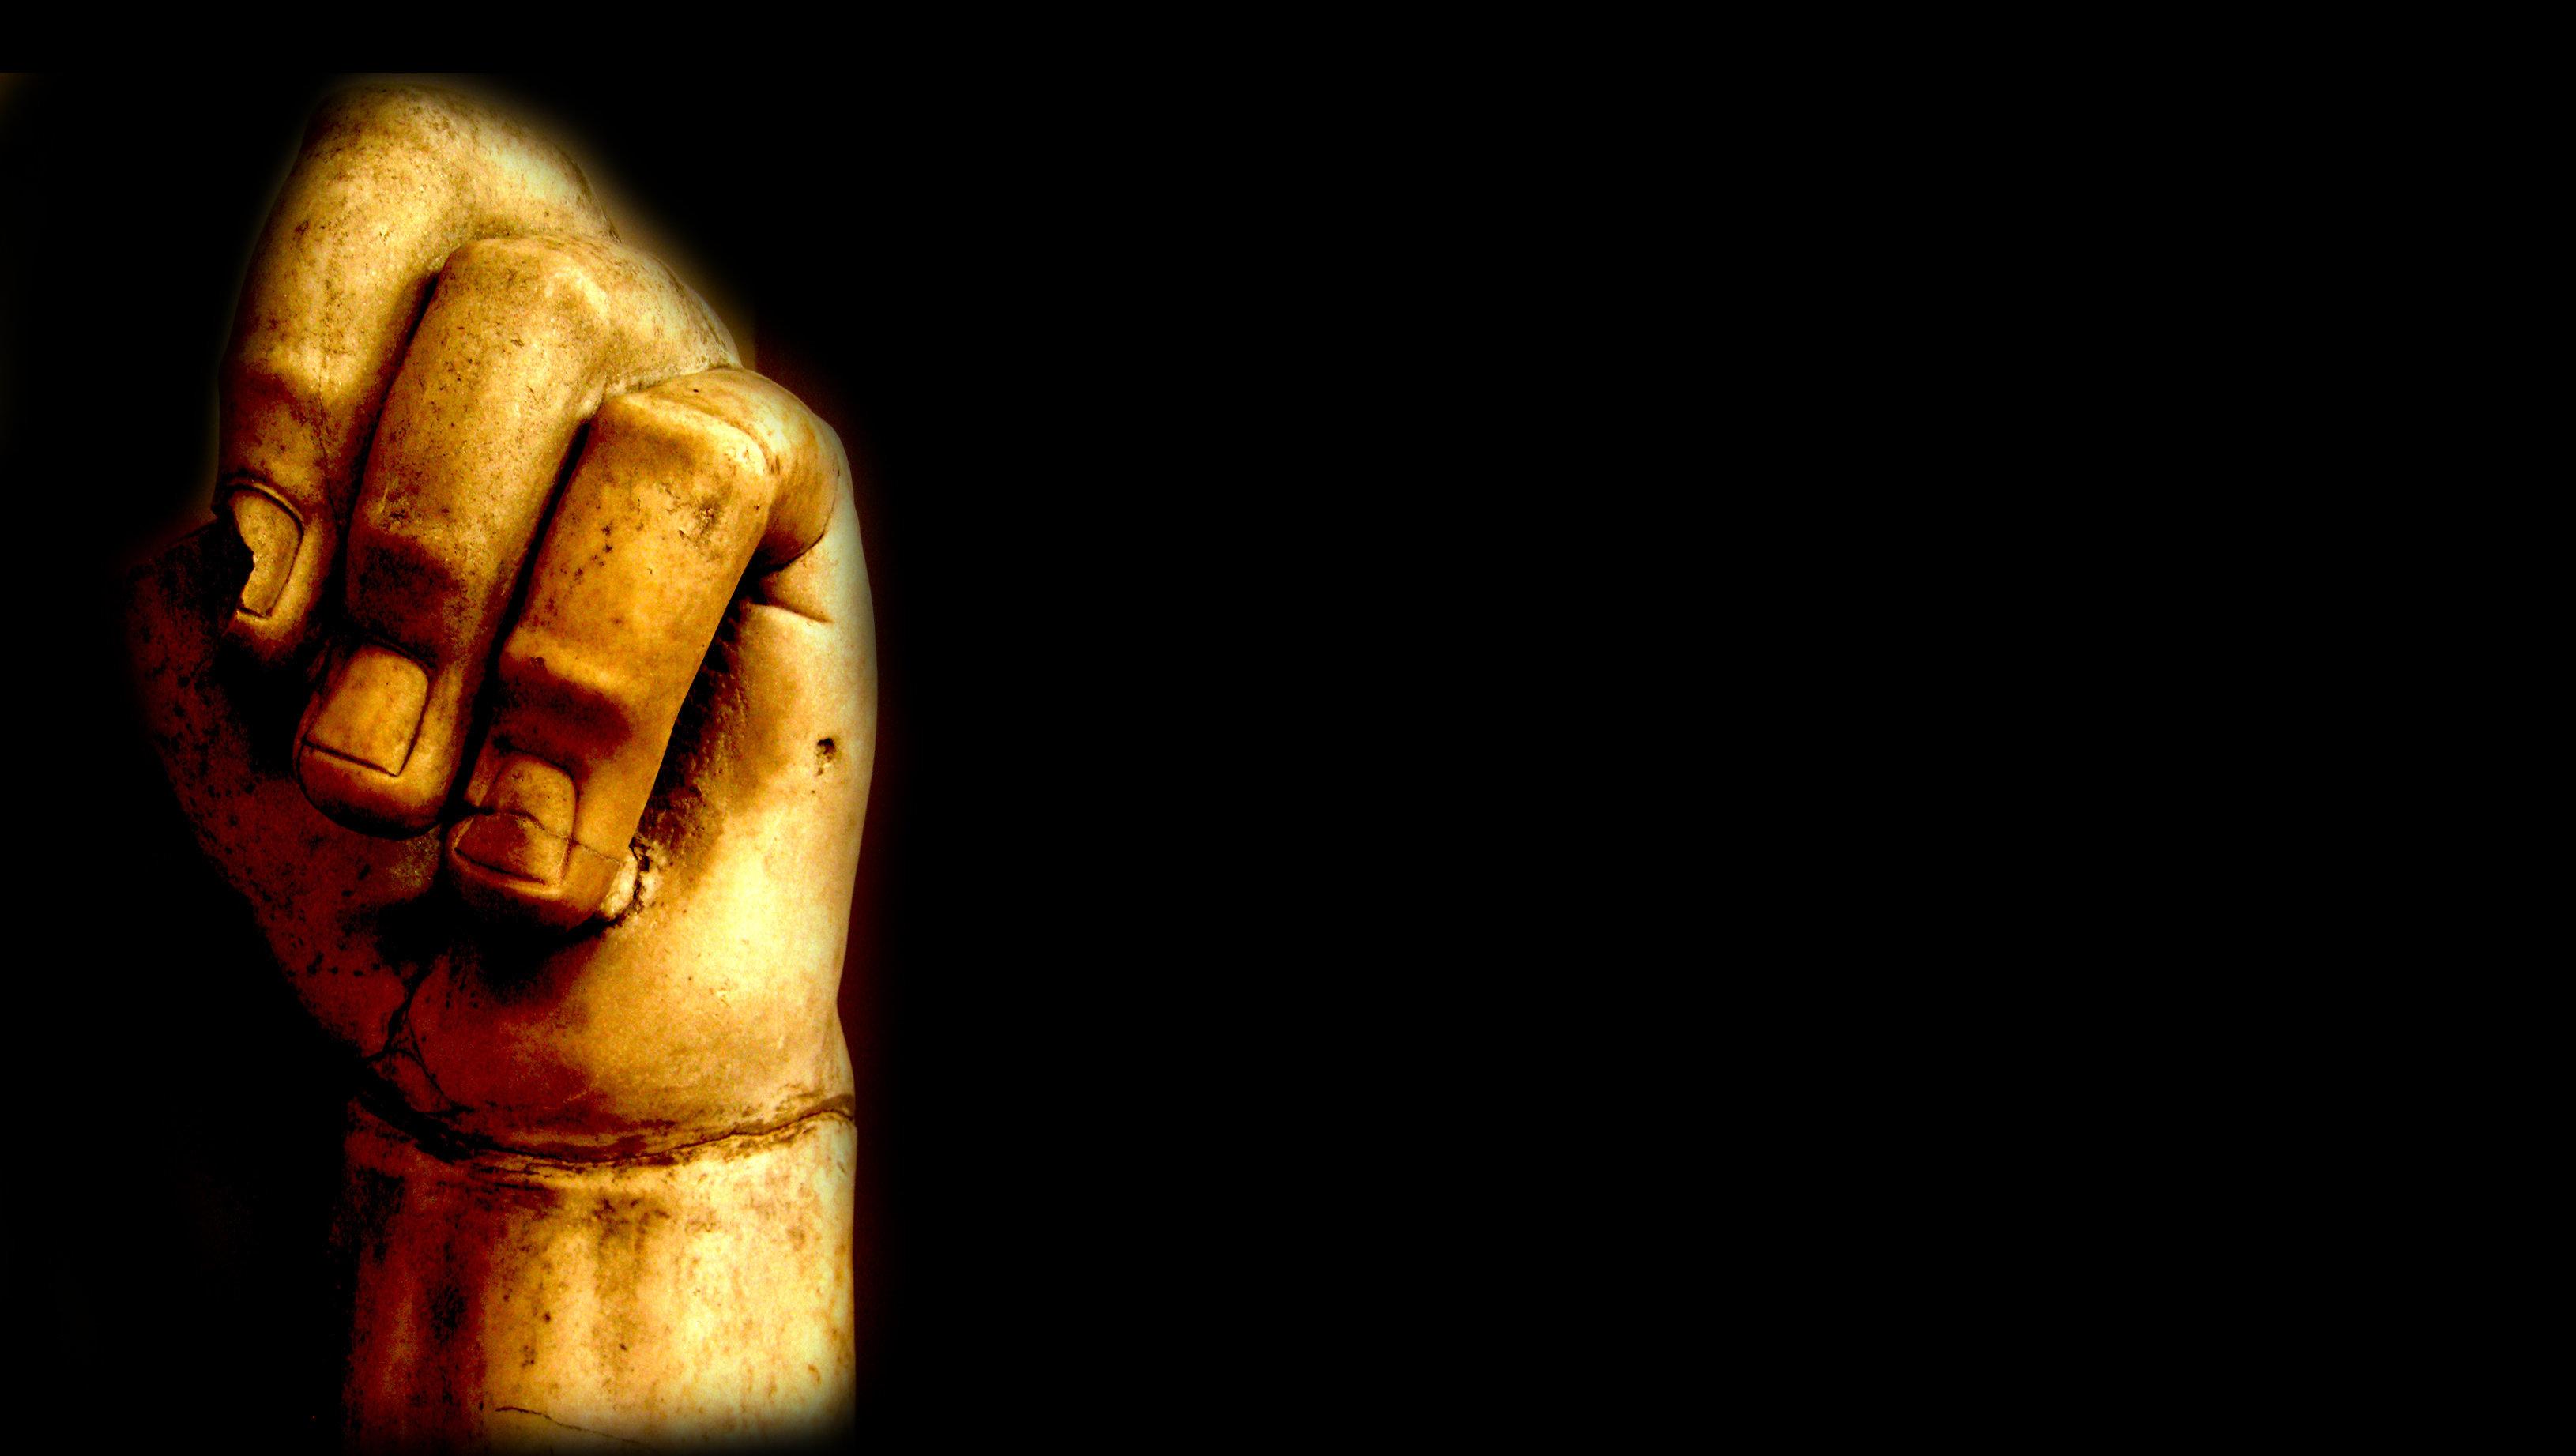 스포츠계 폭력, '괴물'은 누구일까 : 침묵의